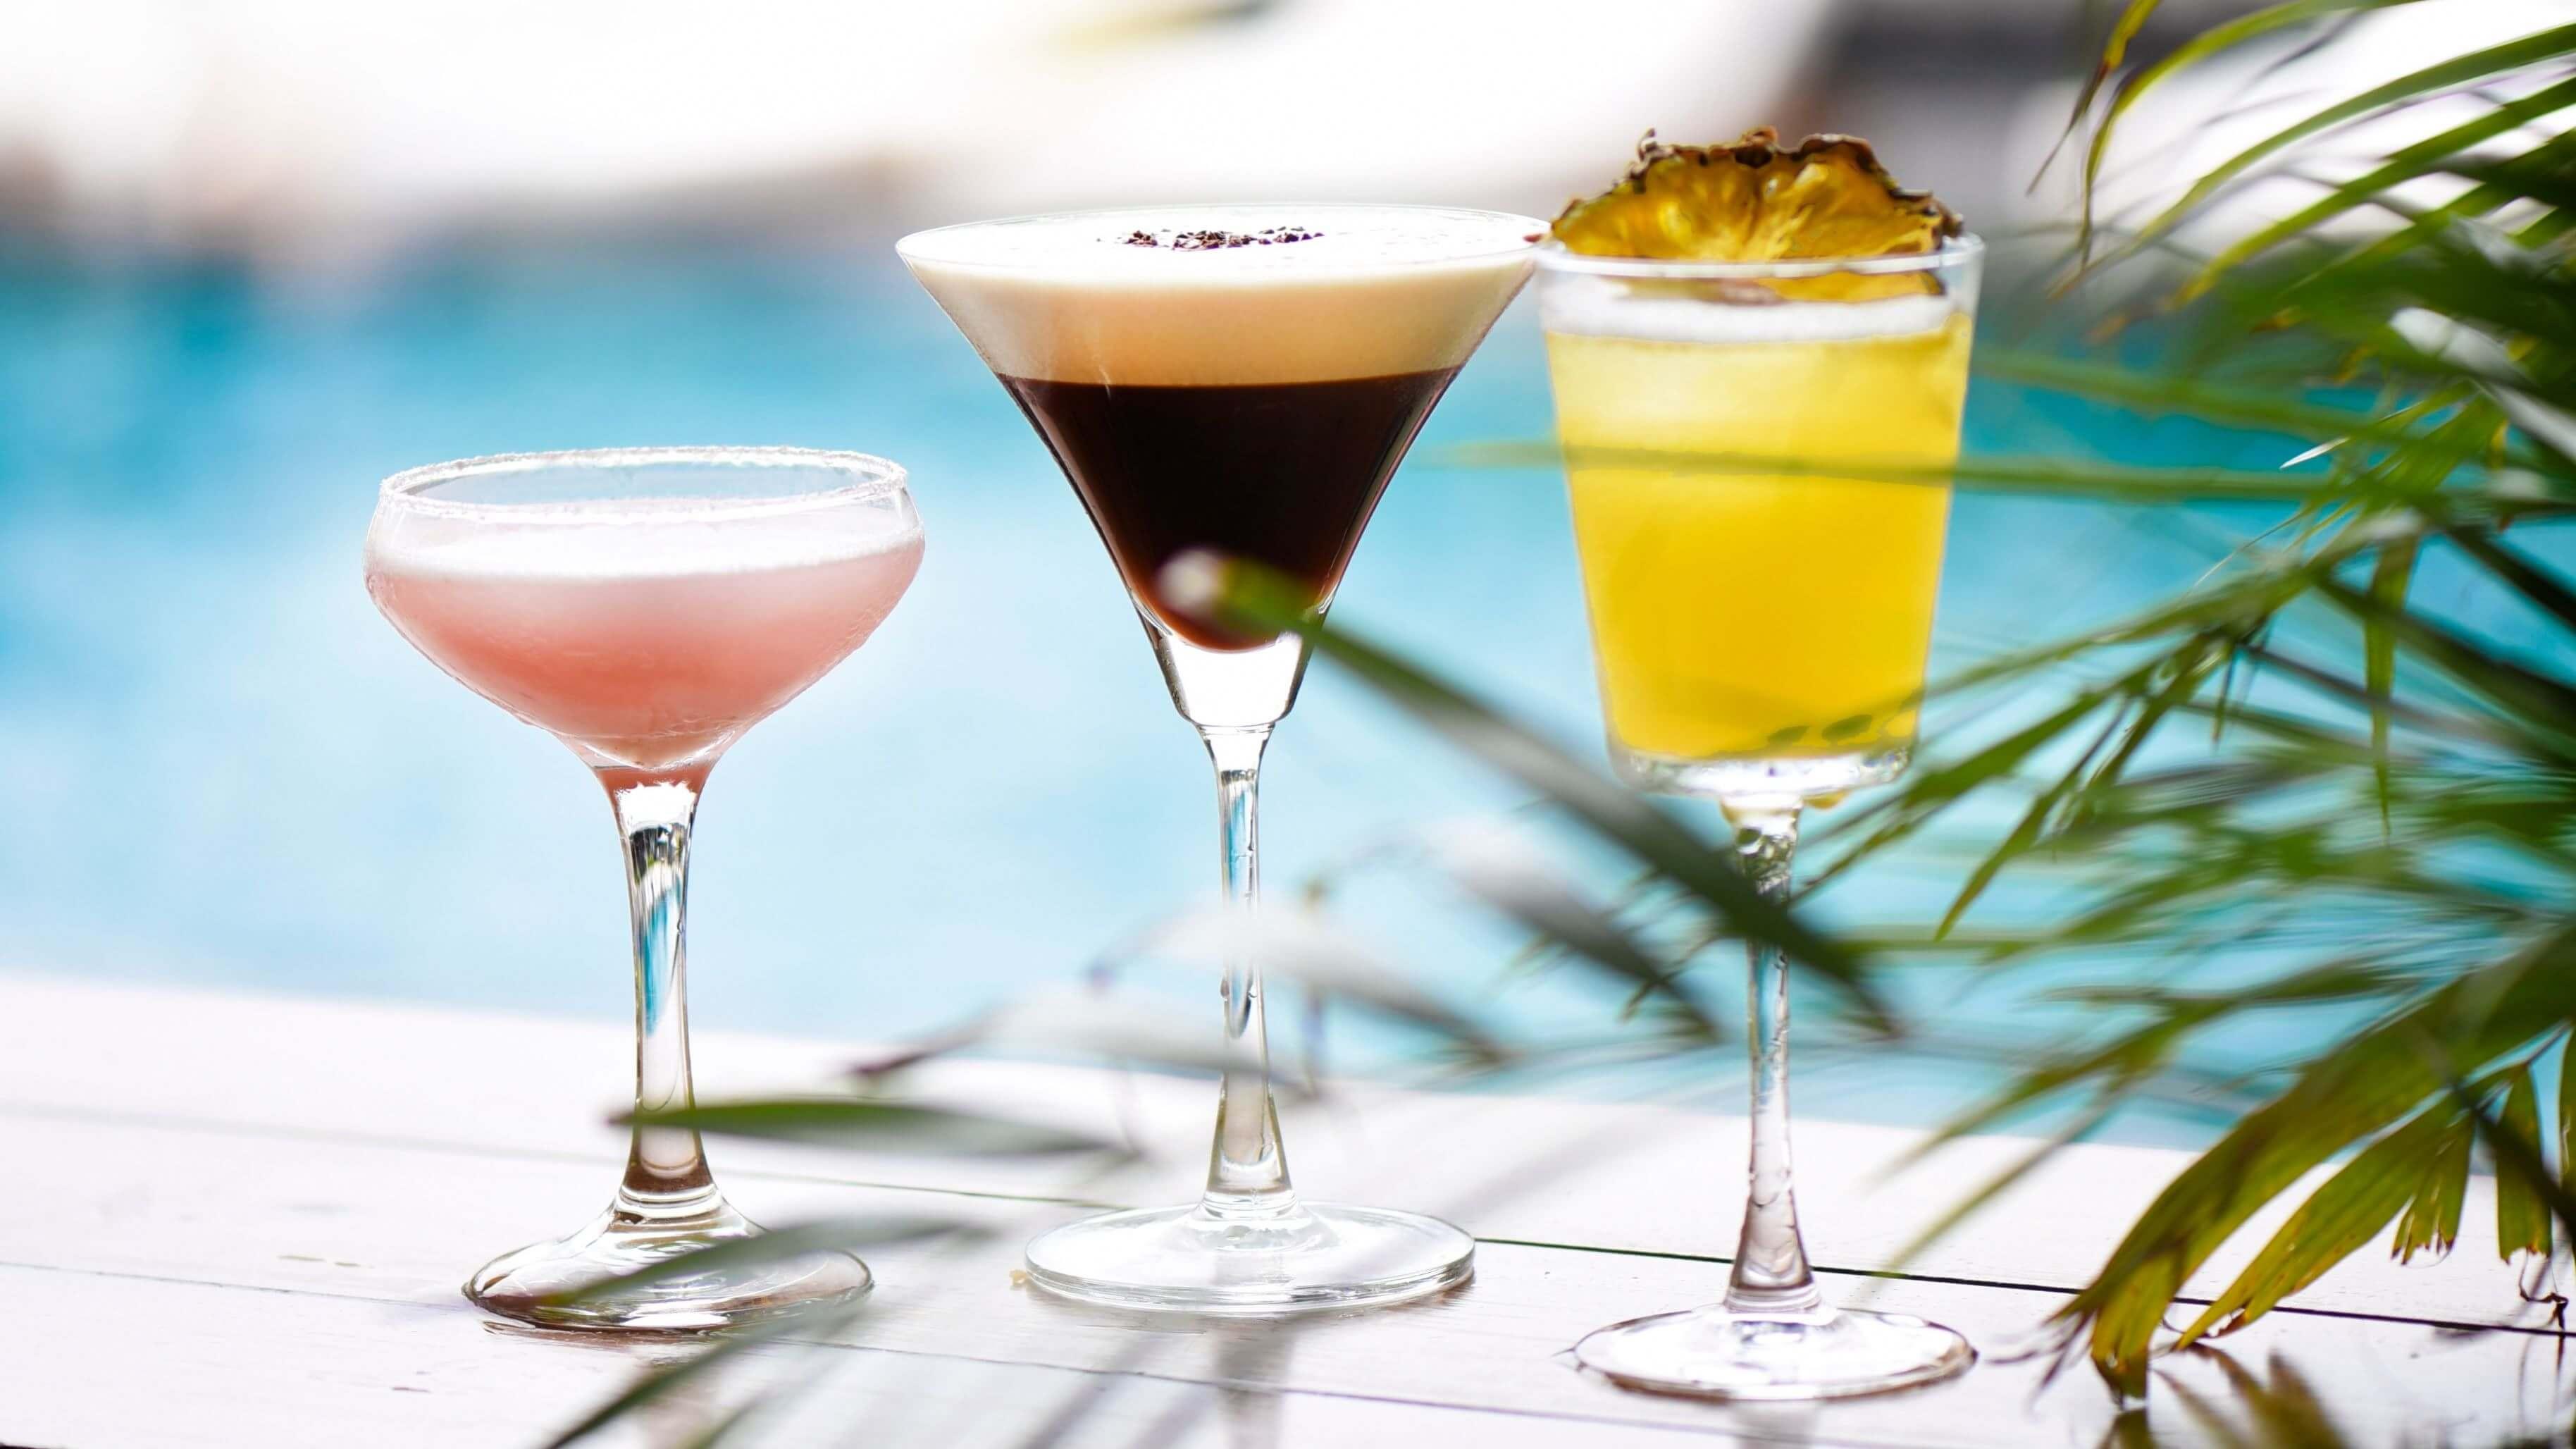 陽光雪糕城下午茶三款主題調酒「梅荔冰沙」「沁涼可可」「急凍菠蘿」(左至右)單杯TWD420 。(圖/台北W飯店提供)